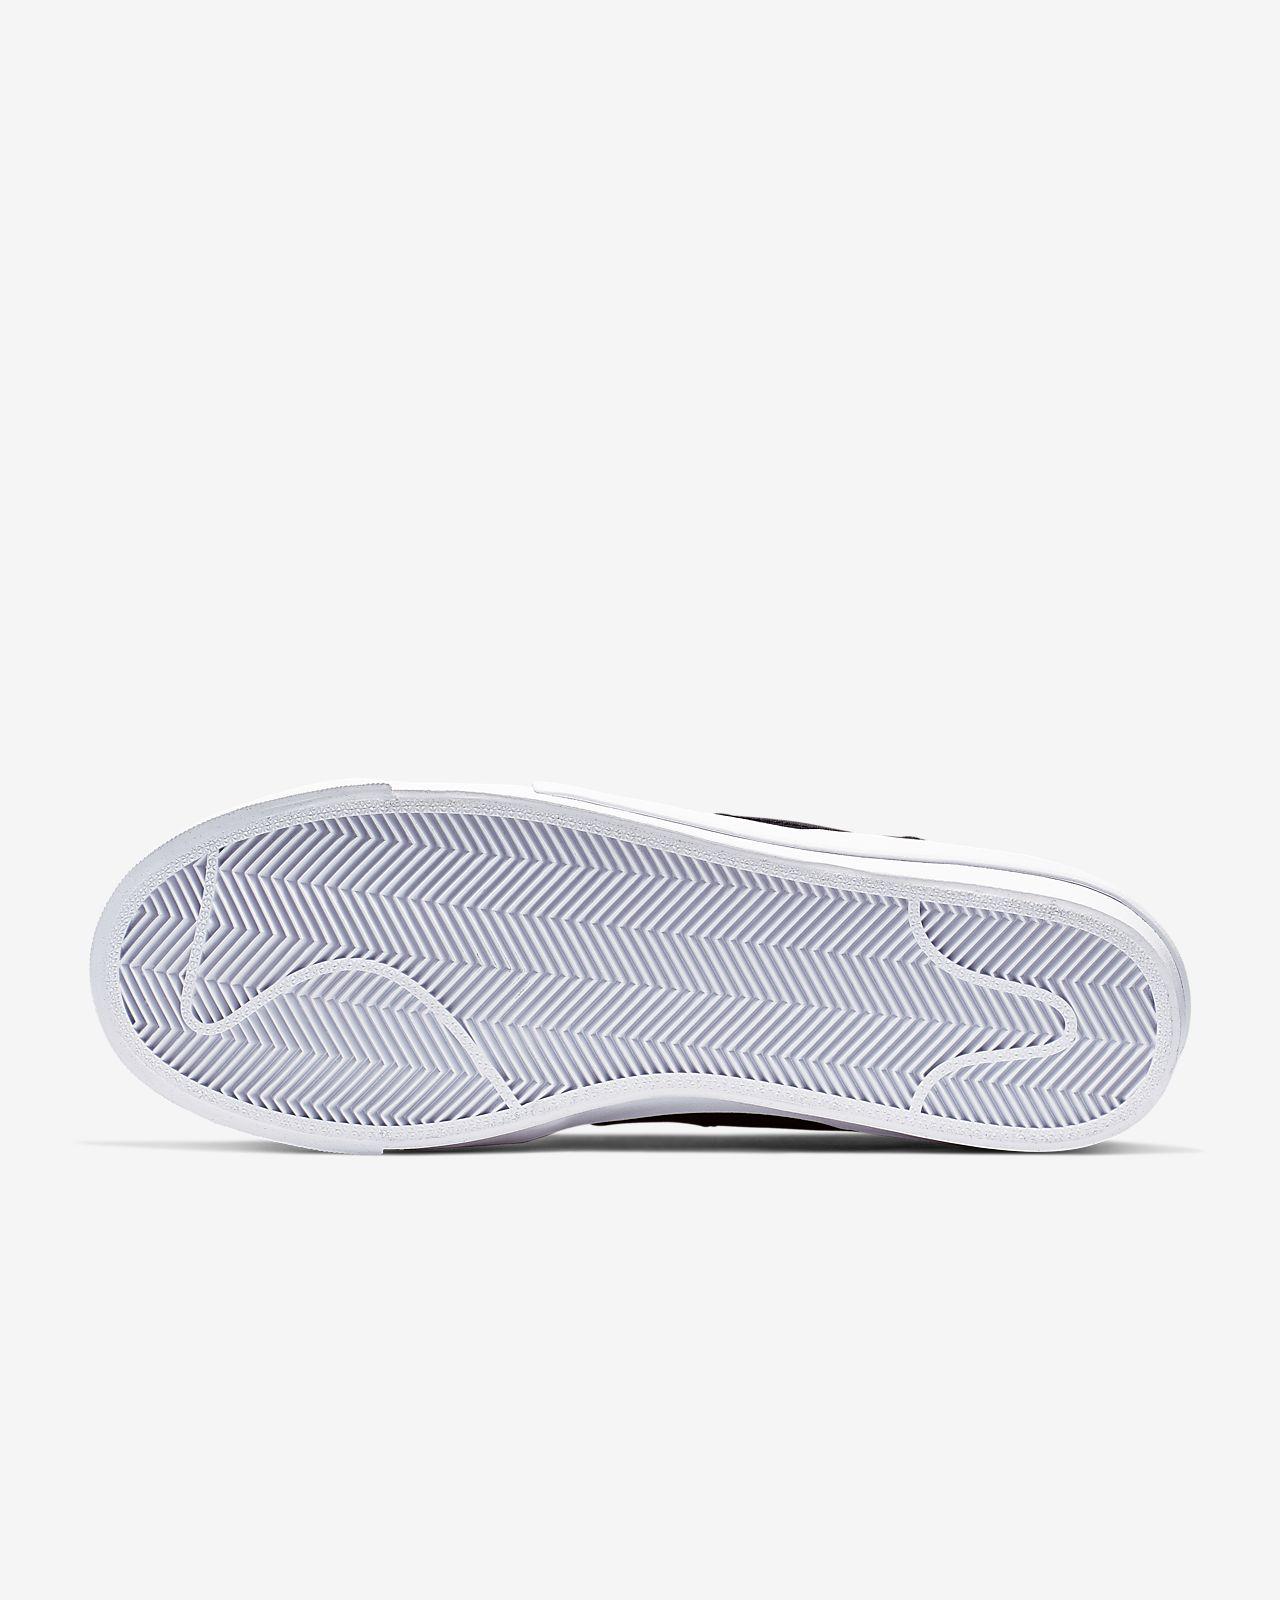 Sapatilhas Nike Drop Type LX para homem